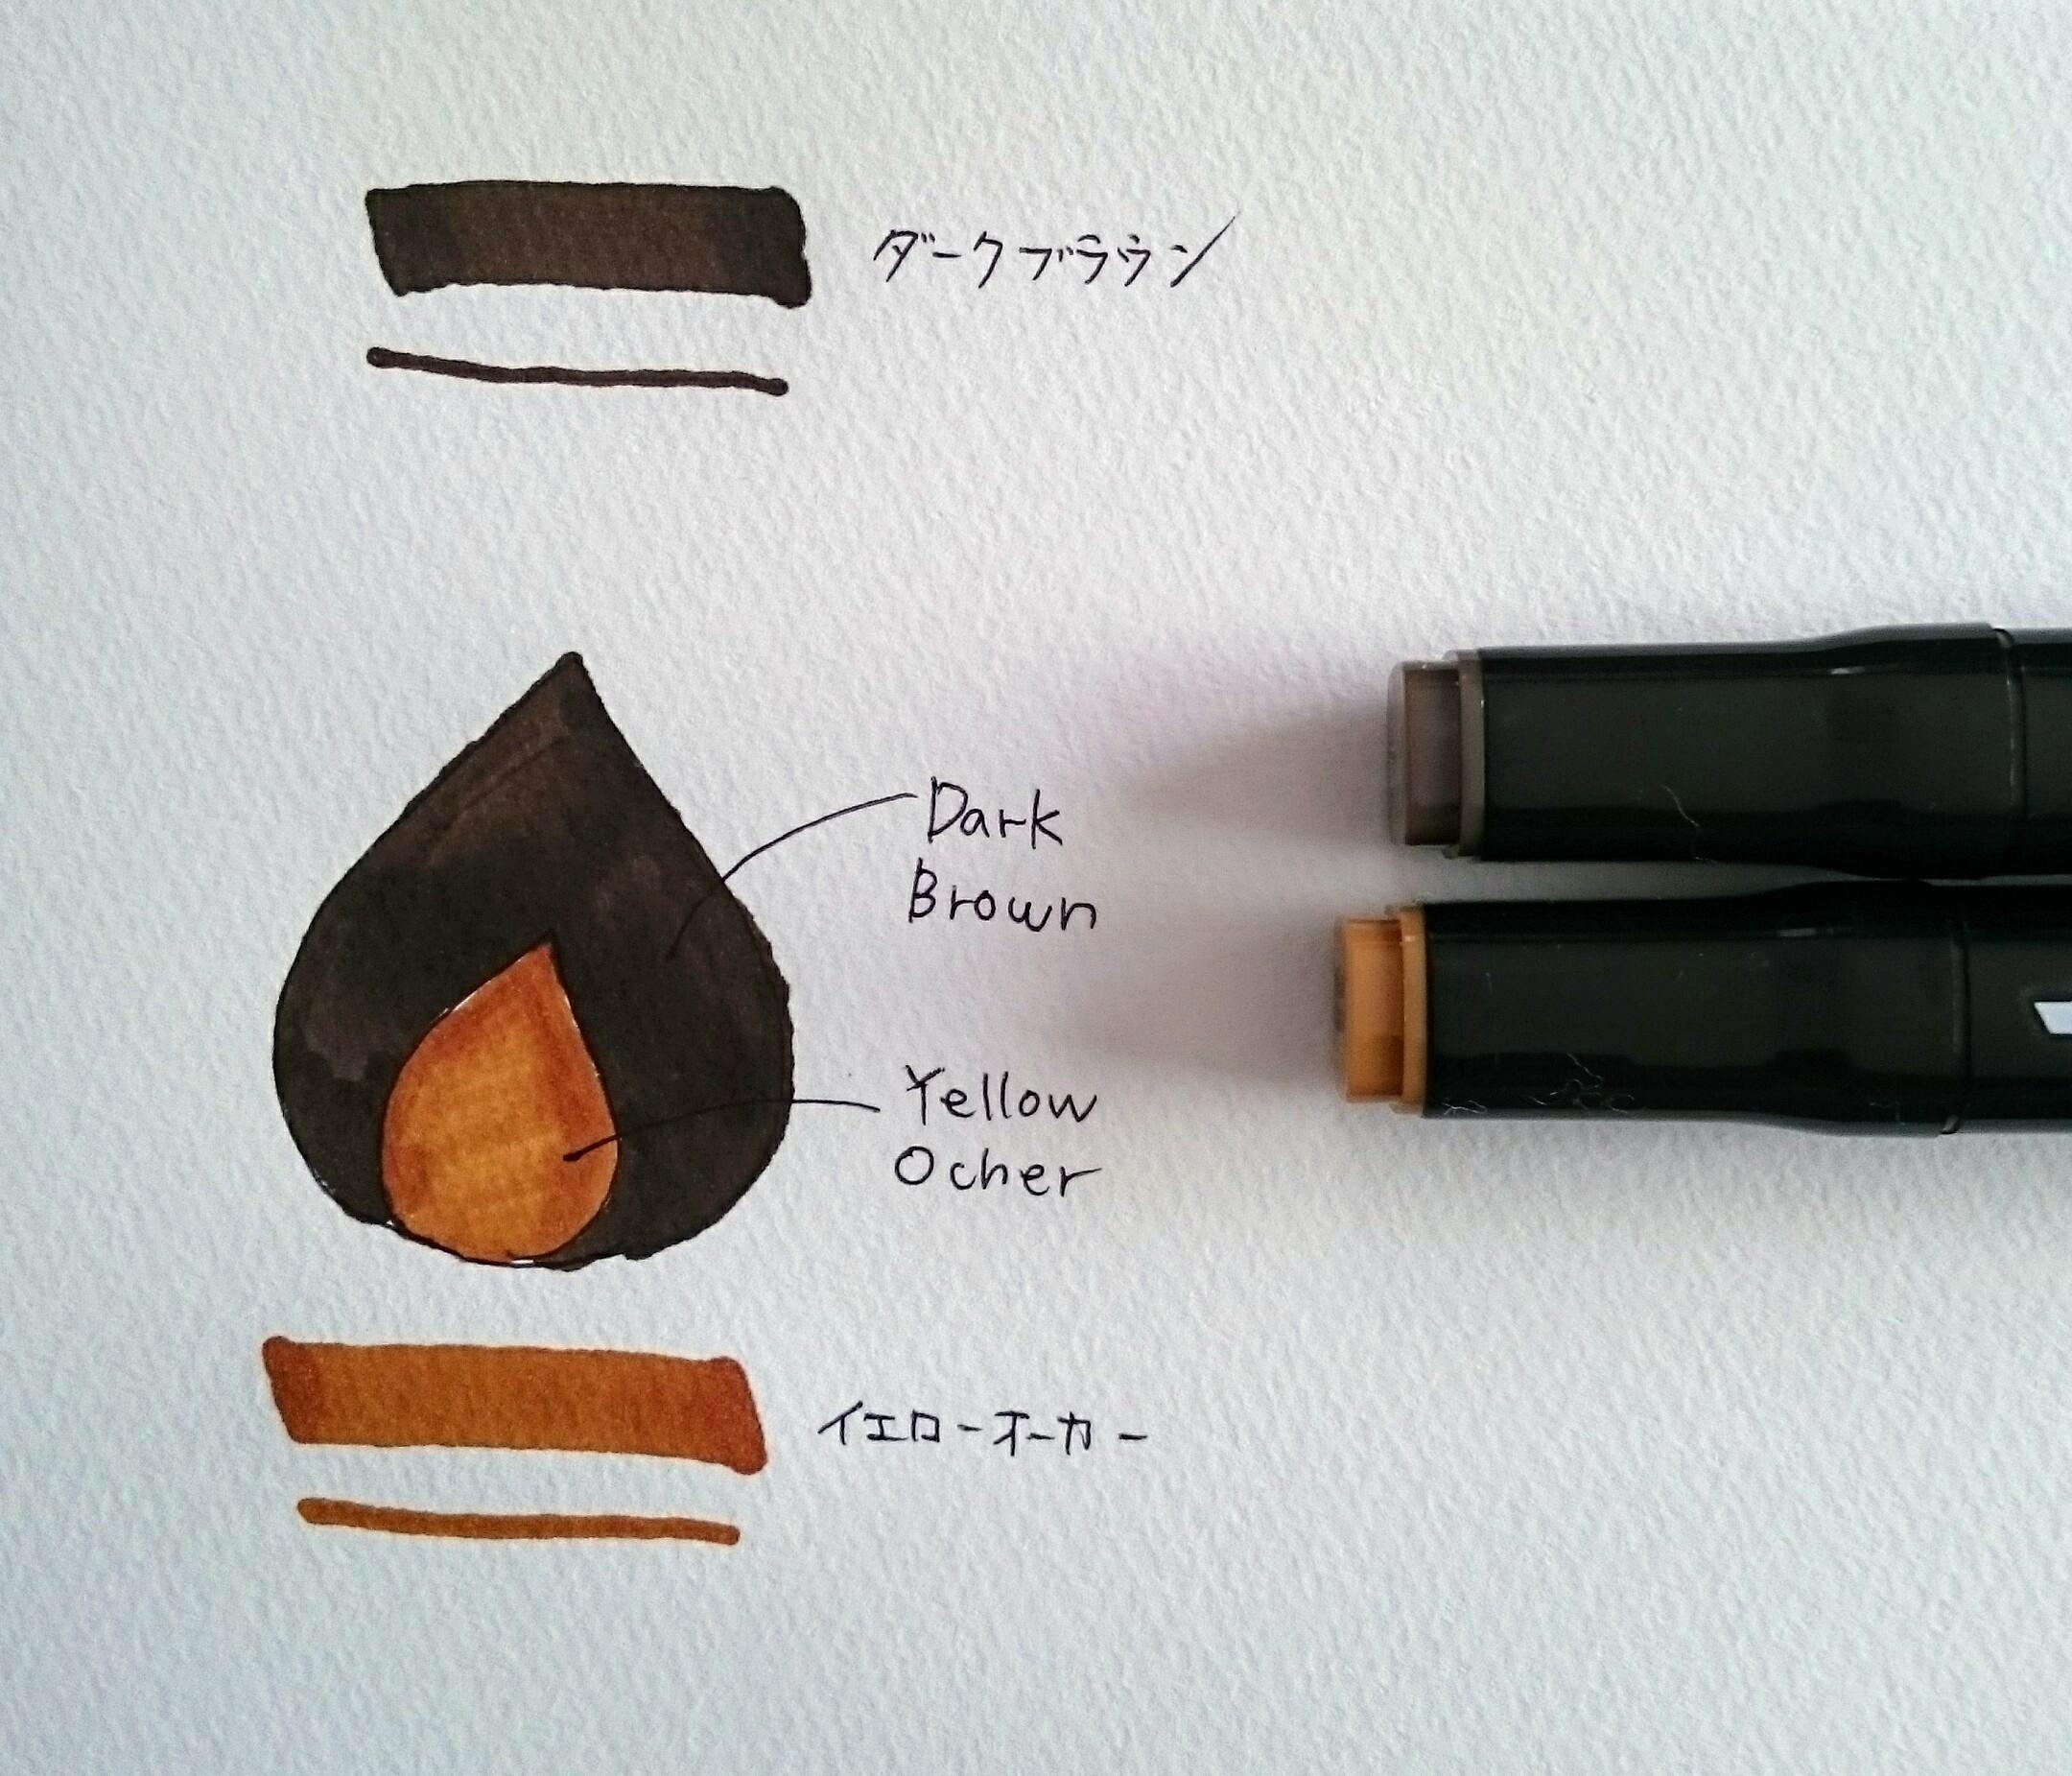 ブラウン系インク